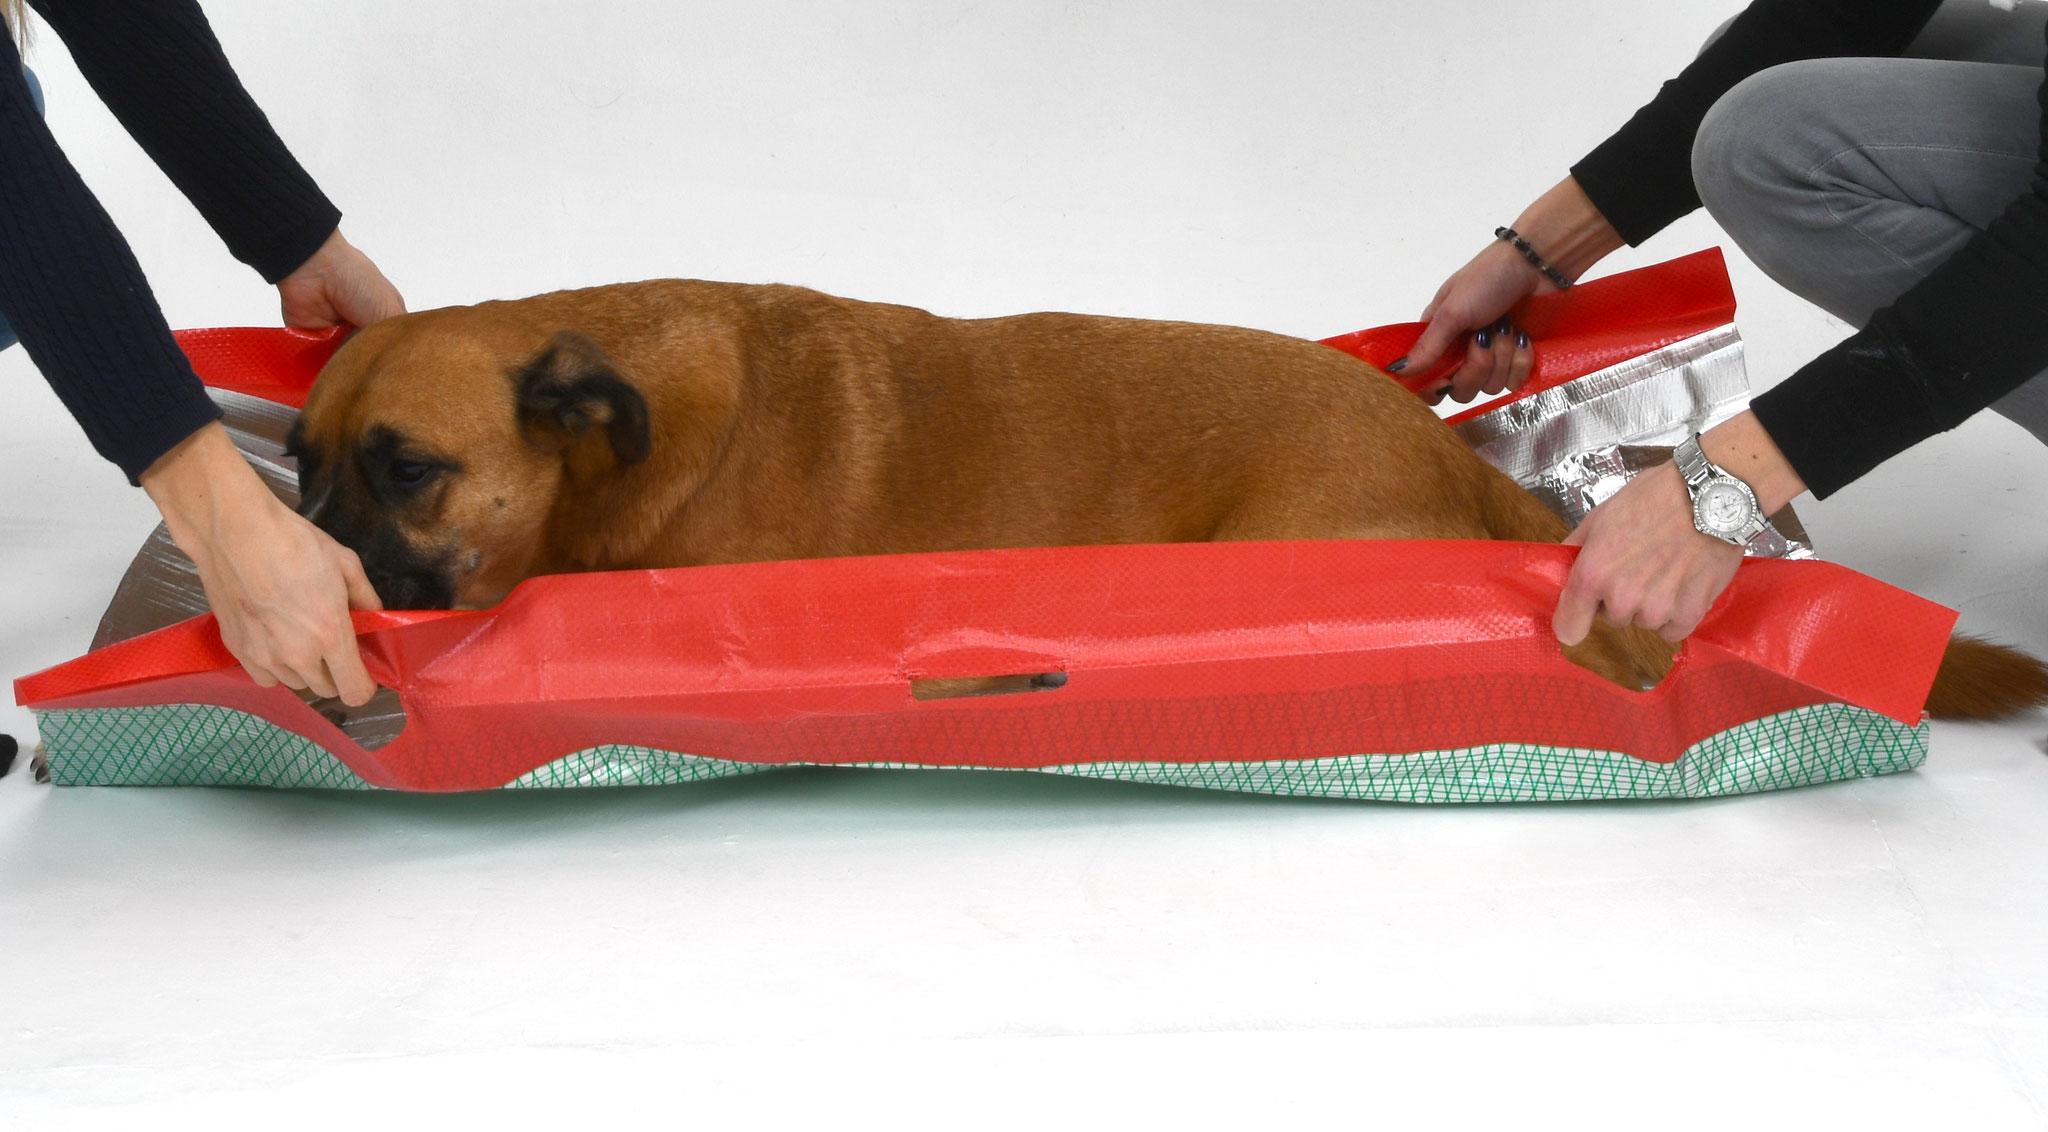 Die Rettungsdecke spendet Ihrem verletzten Hund sofortige Wärme und Schutz.